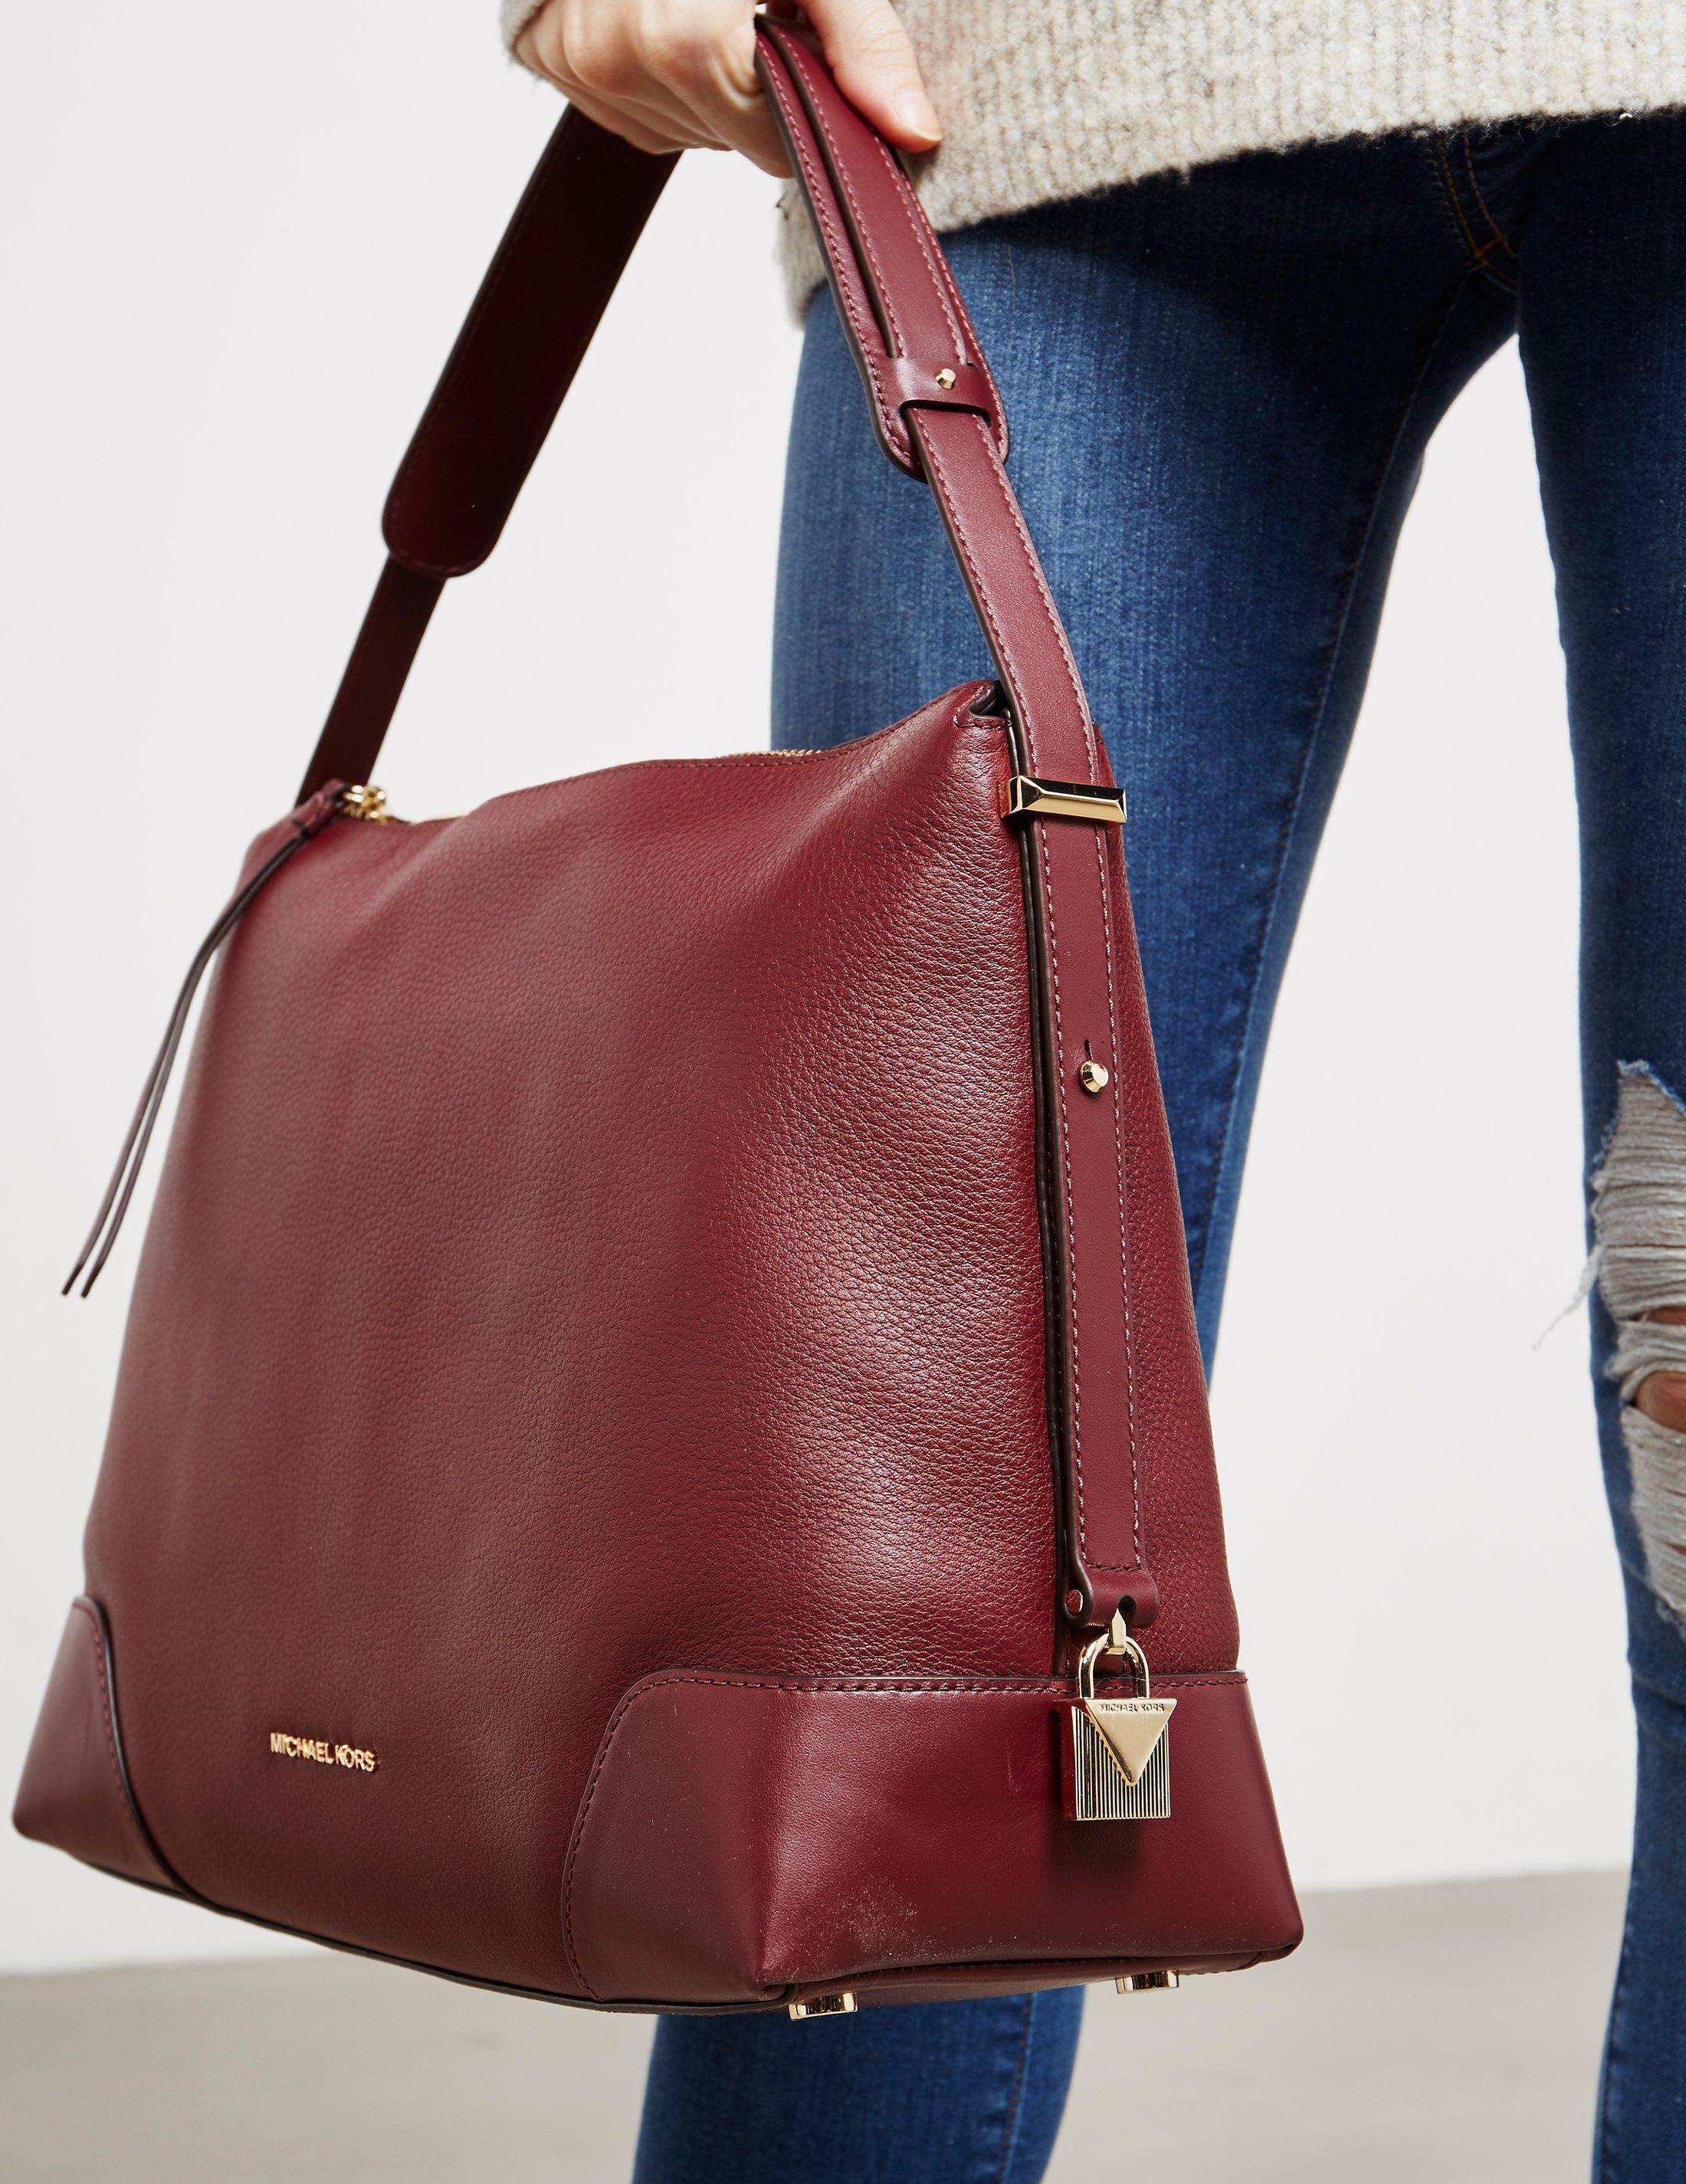 Michael Kors Large Leather Shoulder Bag